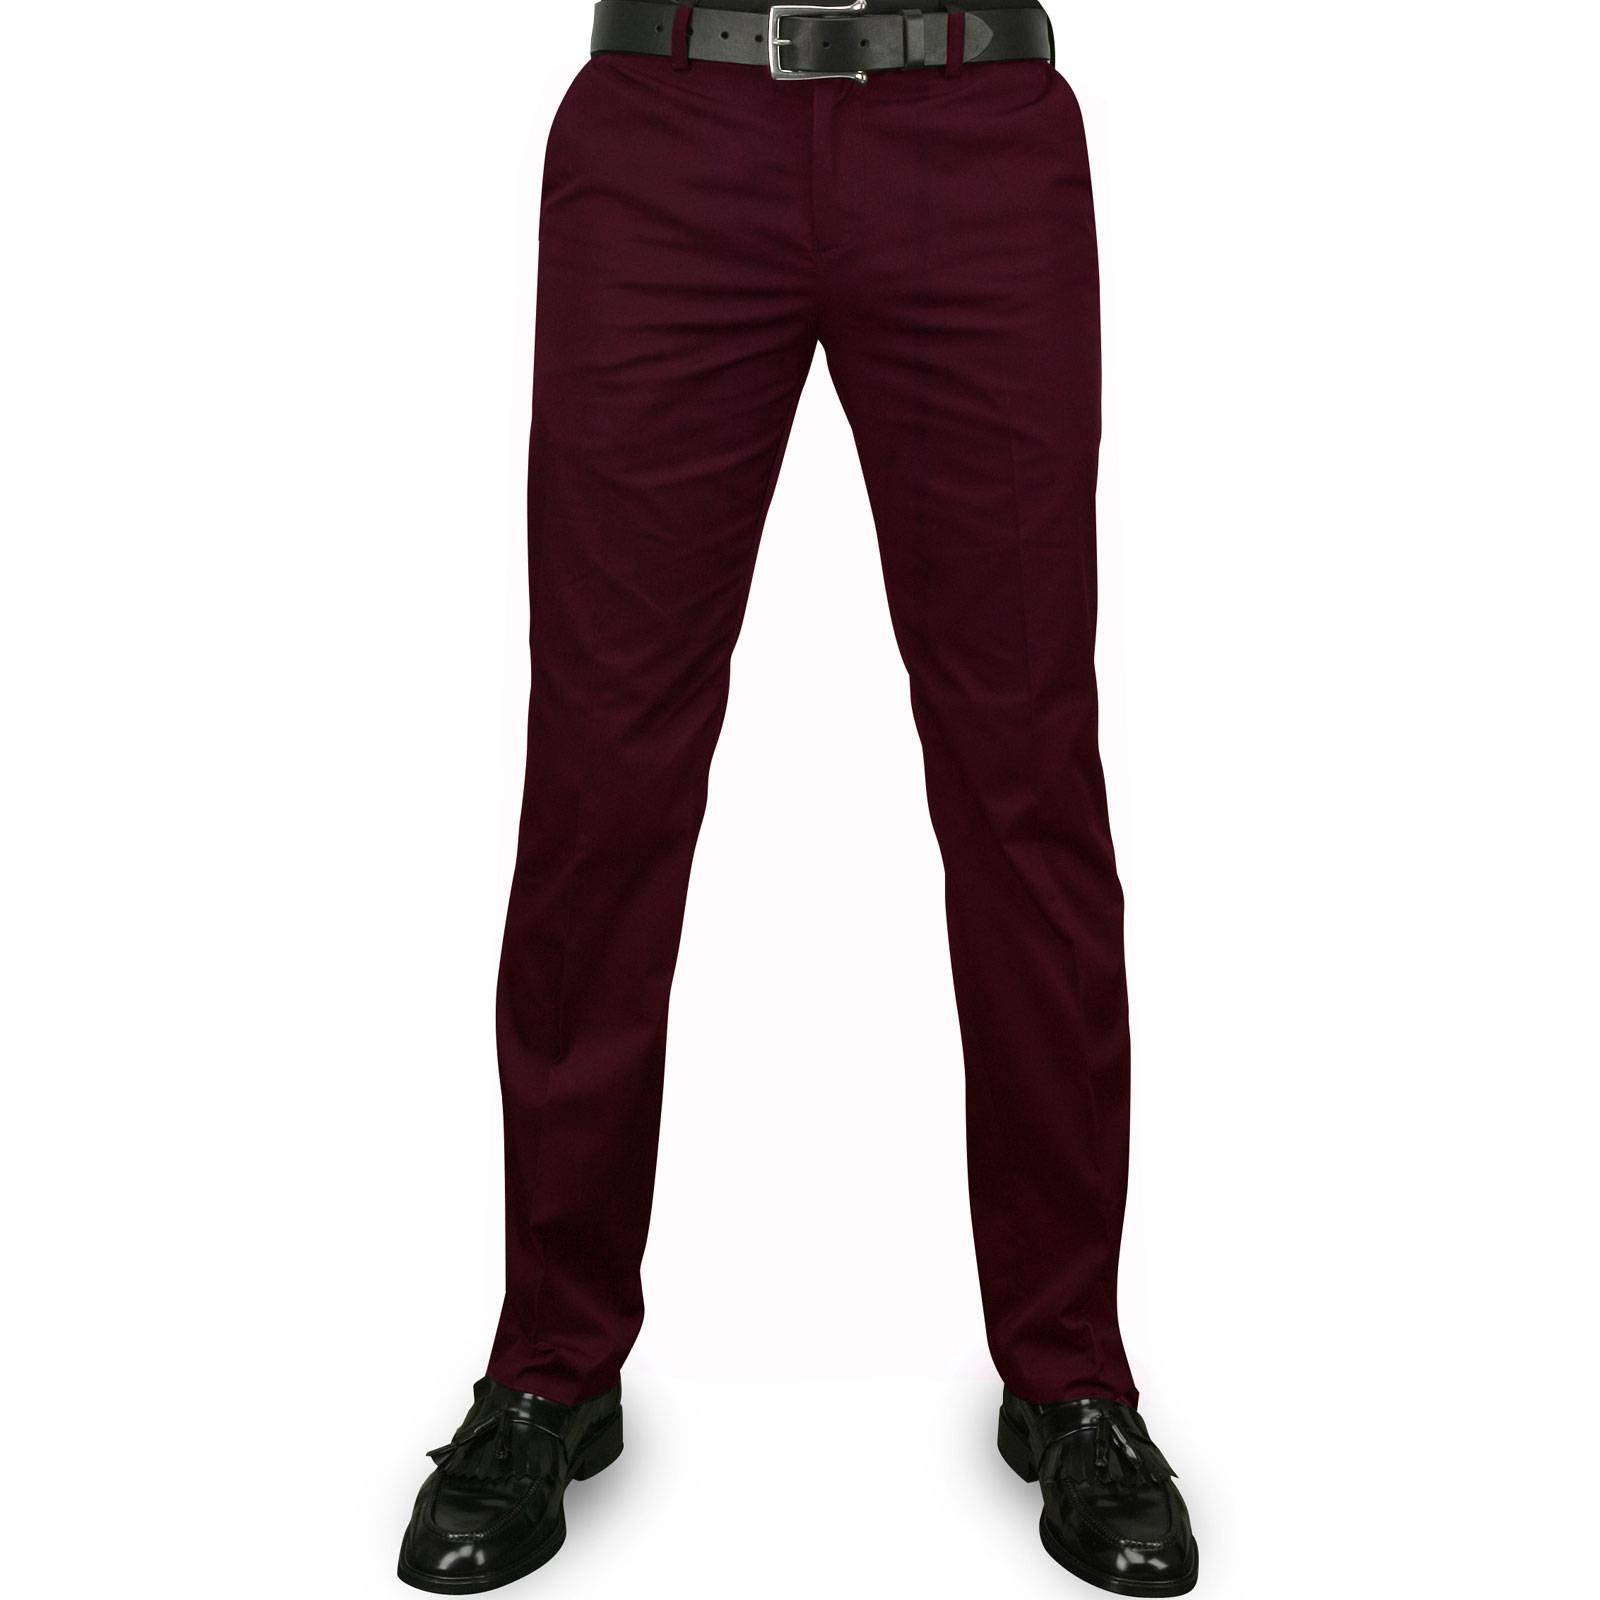 Sta-Prest Брюки WinstonCORE<br>Зауженные брюки классического кроя из плотной комбинированной ткани - модифицированная под современный look ретро модель Sta-Prest, получившая известность в 60-х как одна из первых разновидностей casual брюк, сужающихся к низу. Моды сочетали их с Лоферами, Челси и полосатыми блейзерами, а &amp;amp;quot;традиционные скинхеды&amp;amp;quot; и сьюдхеды - с тяжелыми ботинками фирмы Dr. Martens, клетчатыми рубашками, узкими подтяжками и пальто кромби. &amp;lt;br /&amp;gt;<br>&amp;lt;br /&amp;gt;<br>Первоначально эти брюки имели высокую талию, и их было принято носить подвернутыми или на итальянский манер - до уровня лодыжки. Сегодня они абсолютно универсальны, имеют стандартную посадку и несколько вариантов длинны. Их можно комбинировать с рубашками или поло, топсайдерами или классическими кроссовками. &amp;lt;br /&amp;gt;<br>&amp;lt;br /&amp;gt;<br>Преимуществом данной модели является то, что на них почти не образуется помятостей и складок, а стрелка остается ровной и очерченной после множества стирок без использования утюга.<br><br>Артикул: 1210201<br>Материал: 65% хлопок 35% полиэстер<br>Цвет: бордовый<br>Пол: Мужской